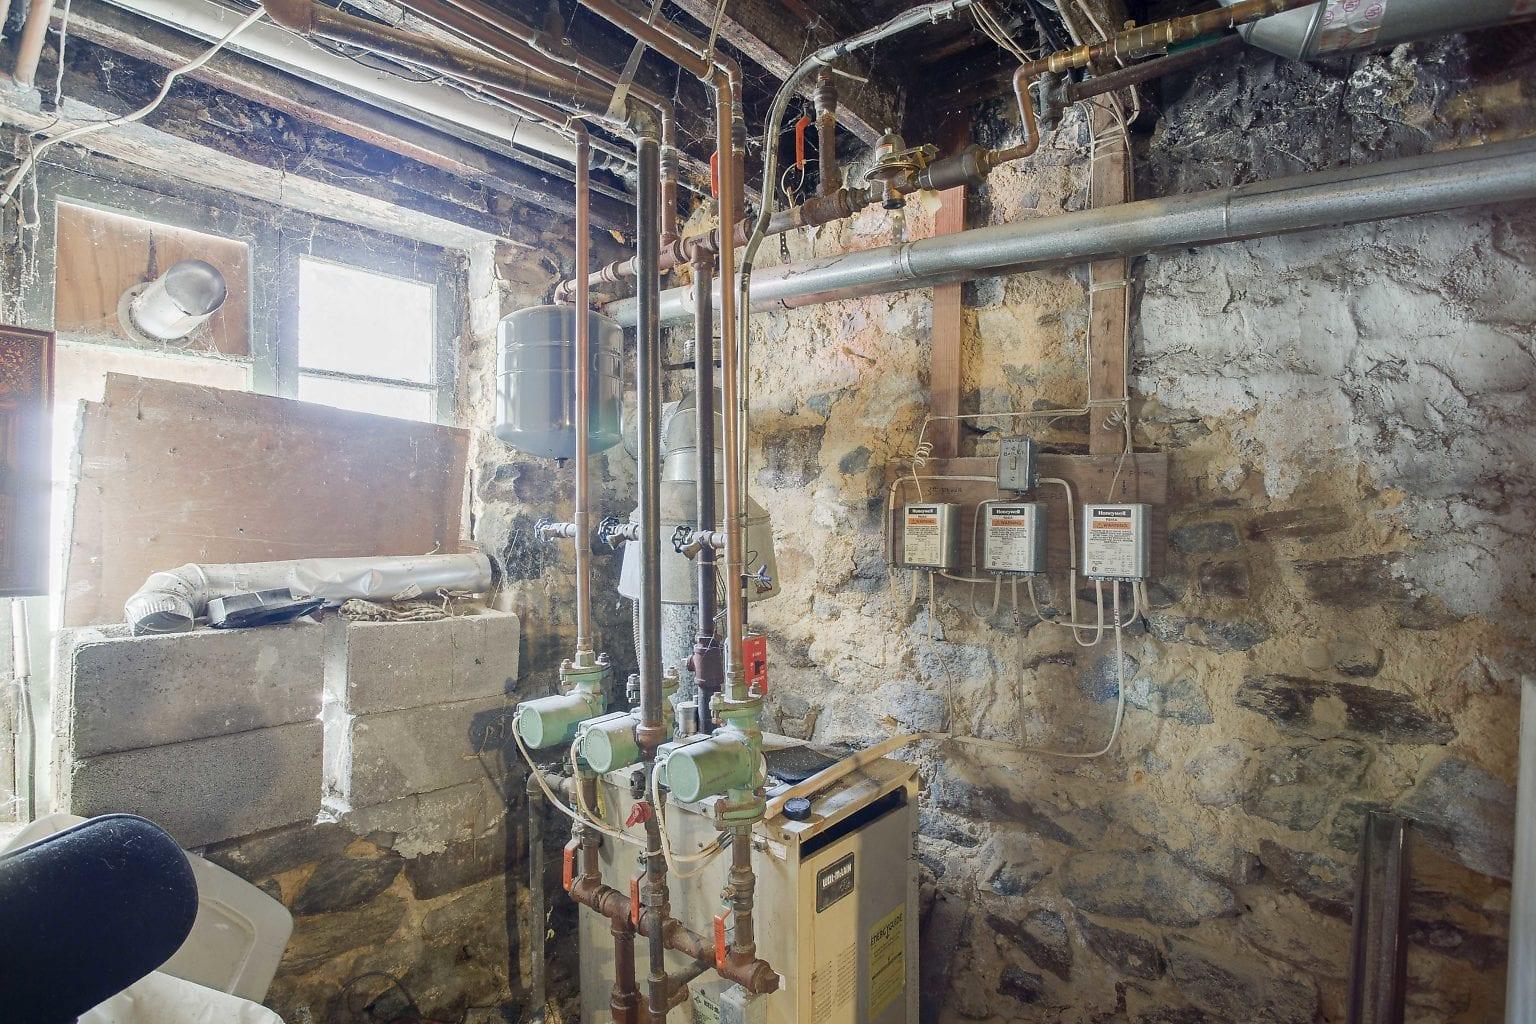 63 Gas Boilers